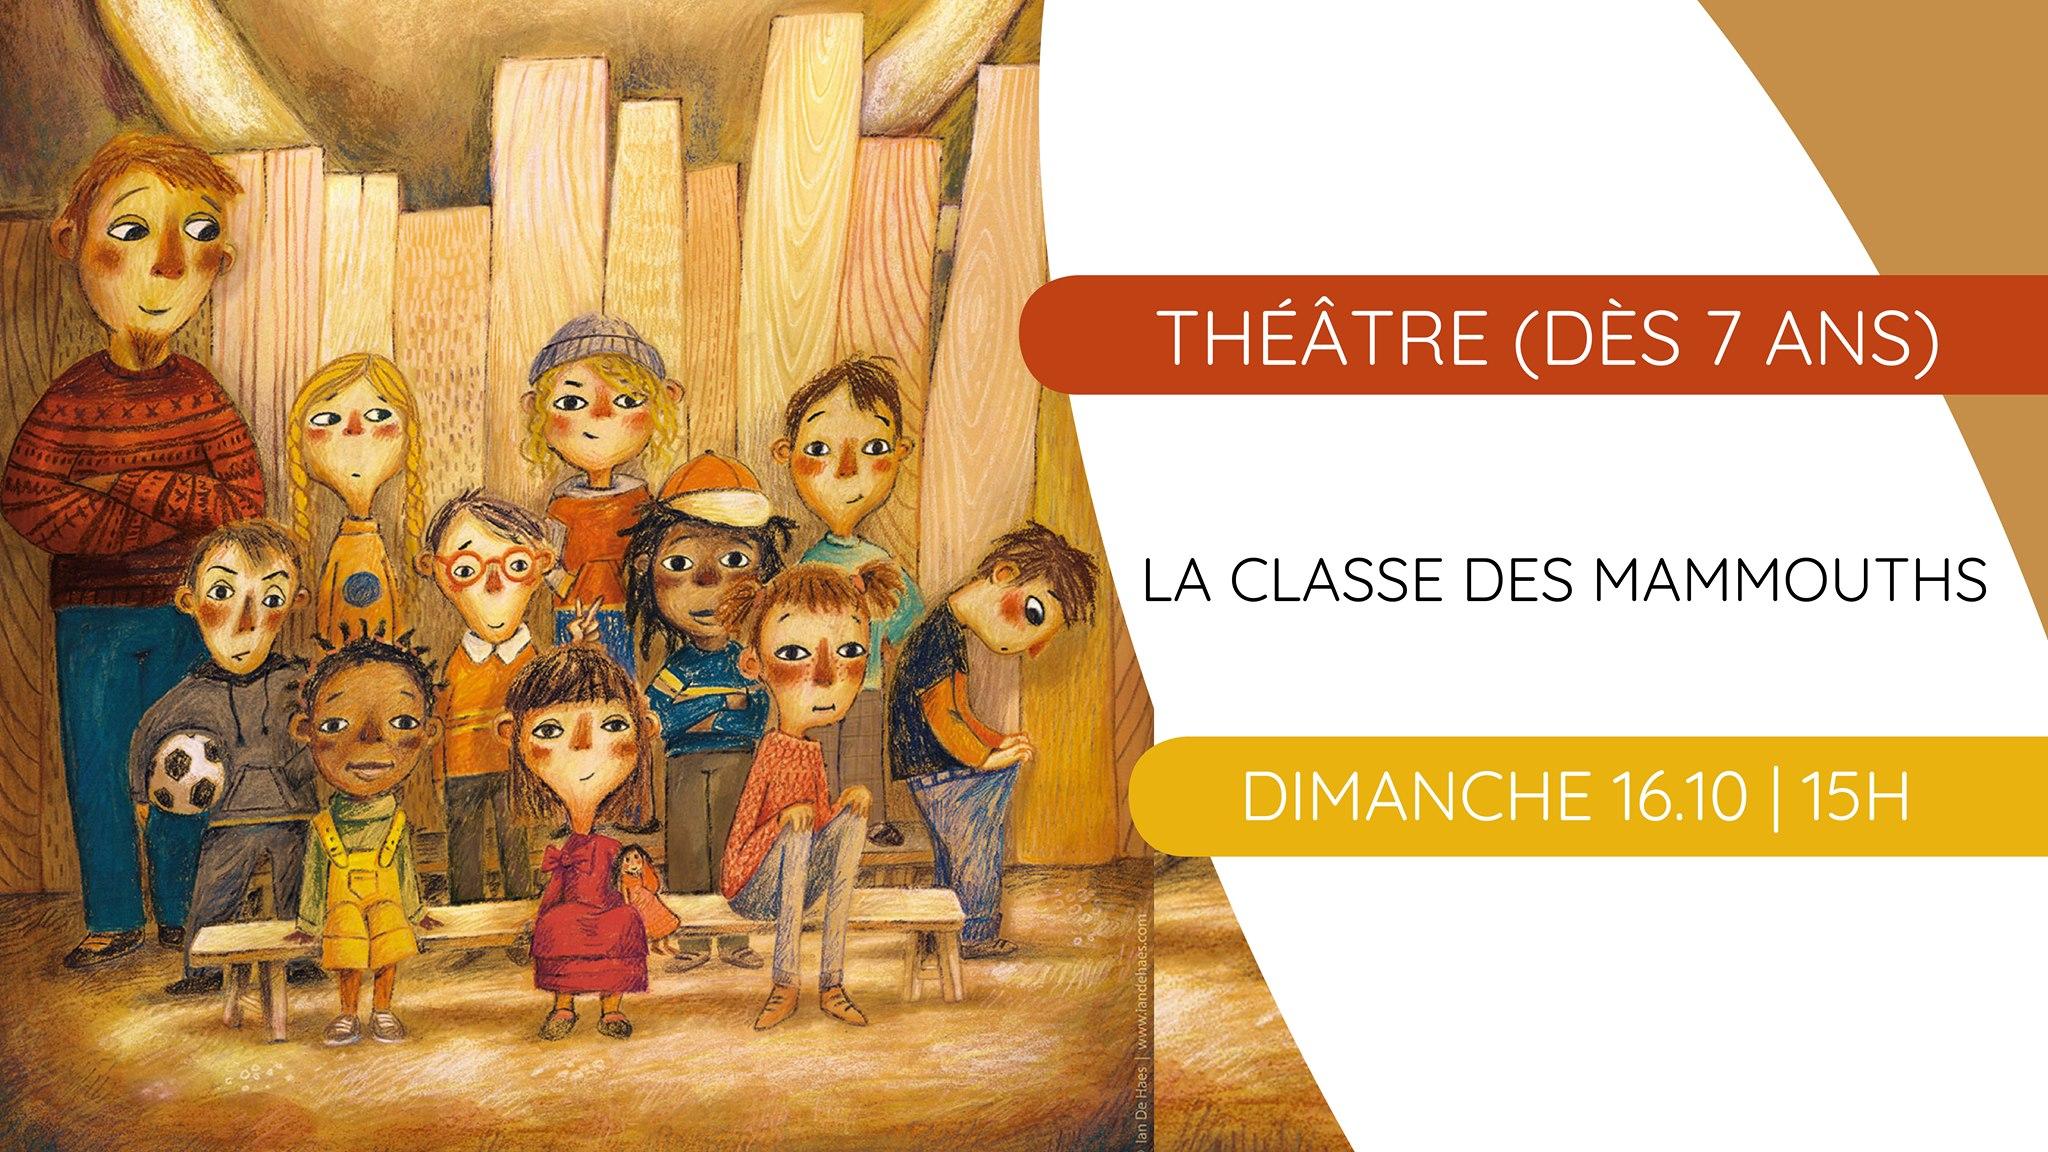 Théâtre : La classe des mammouths